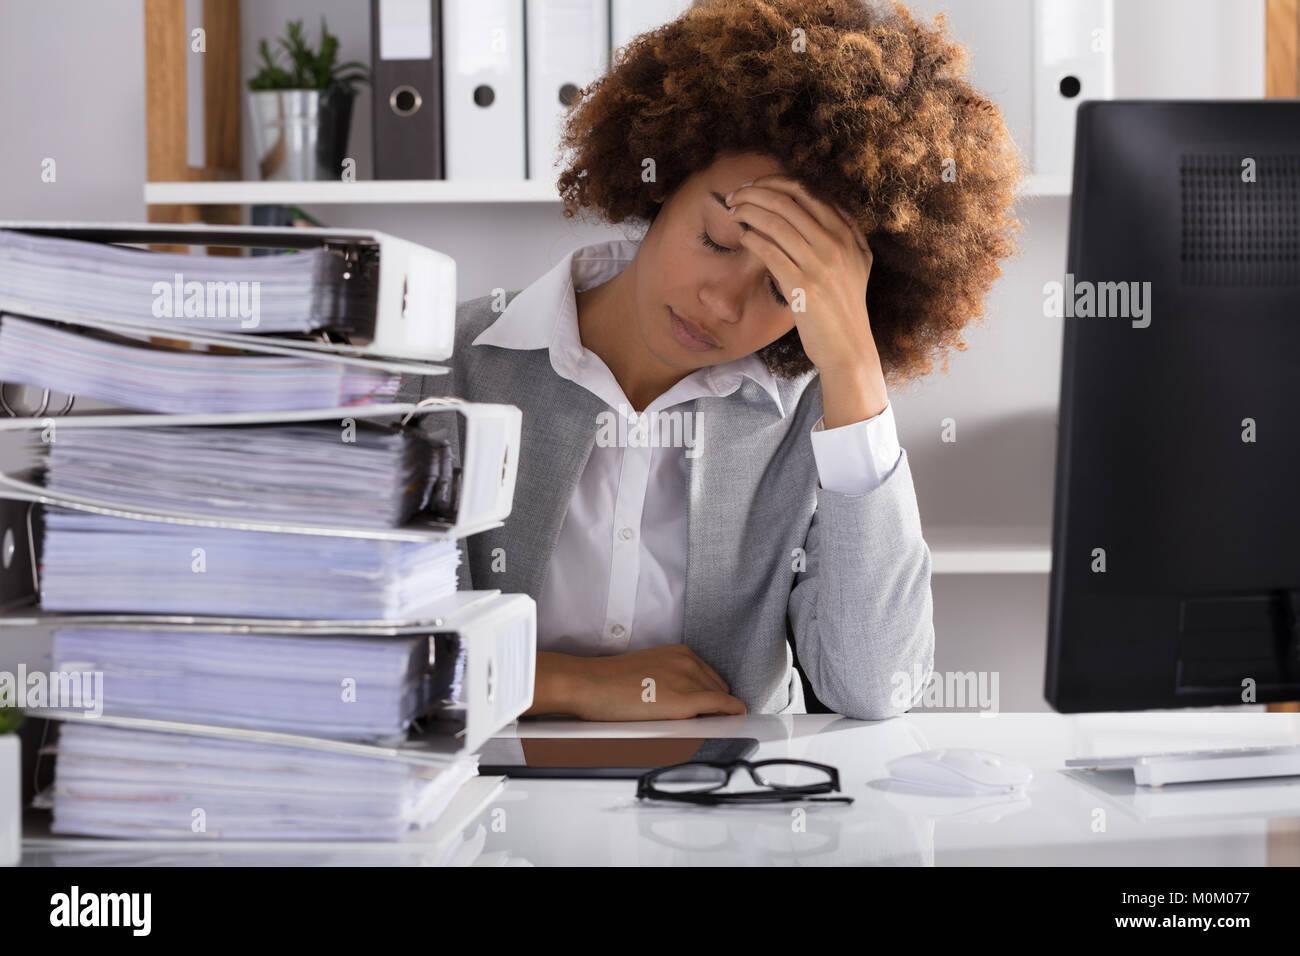 Estresante Afro Americana empresaria sentado en la oficina con apilado de archivos Imagen De Stock